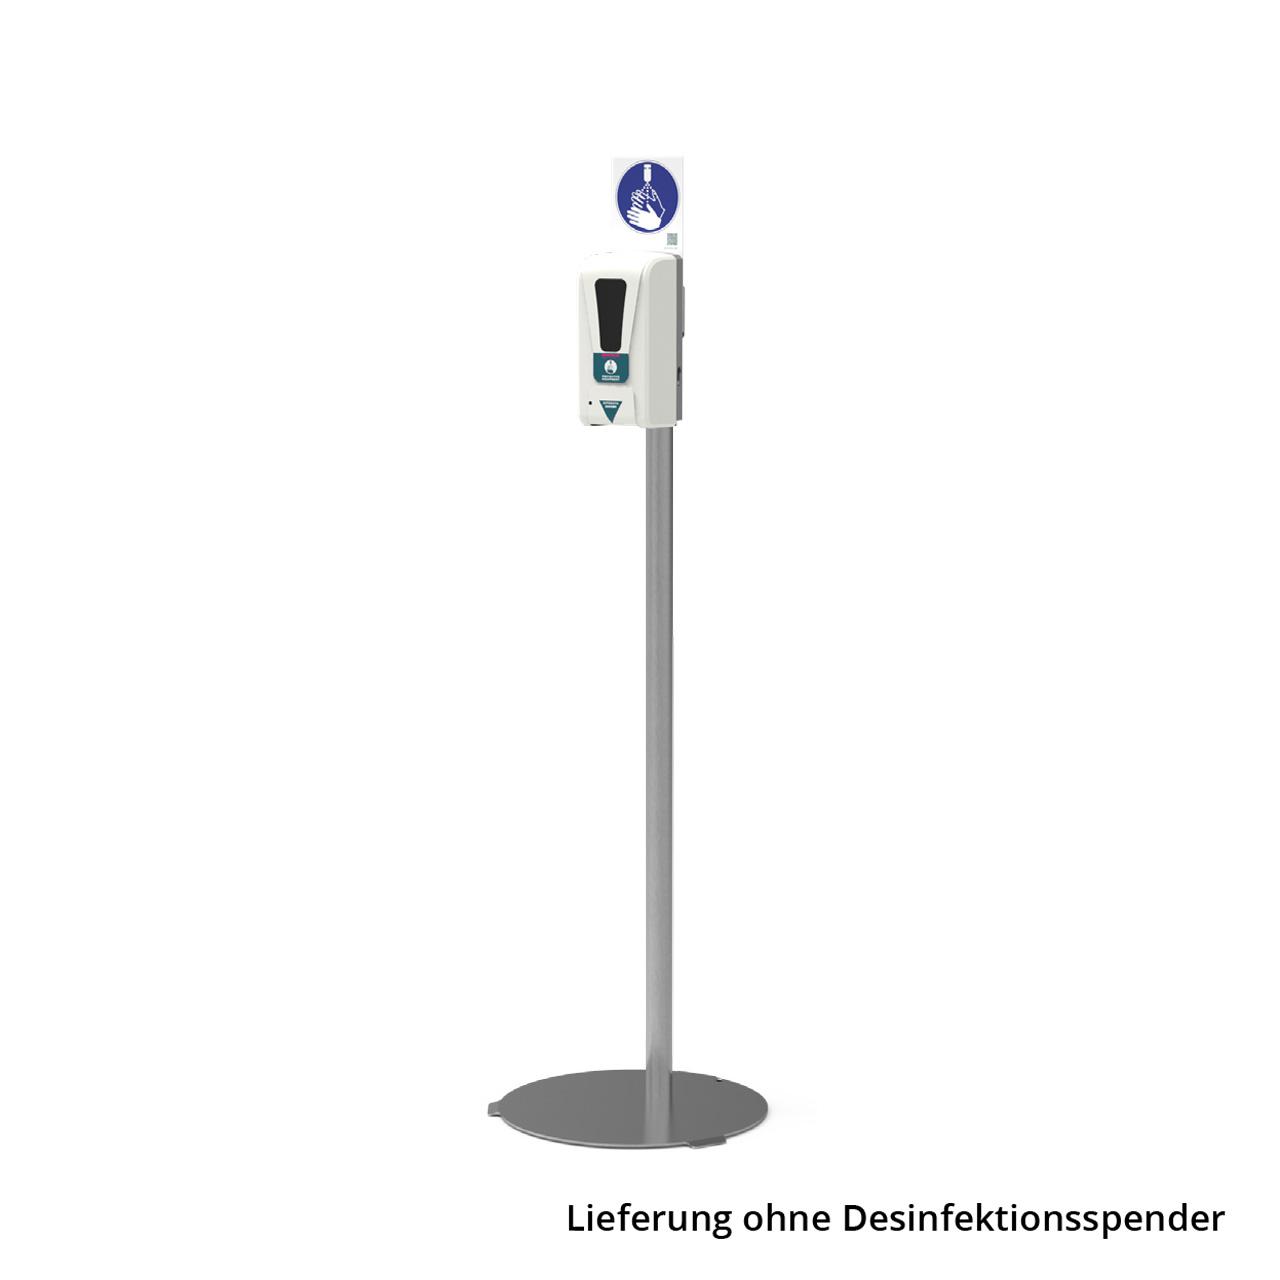 RENZ Ständer Edelstahl für Desinfektionsspender